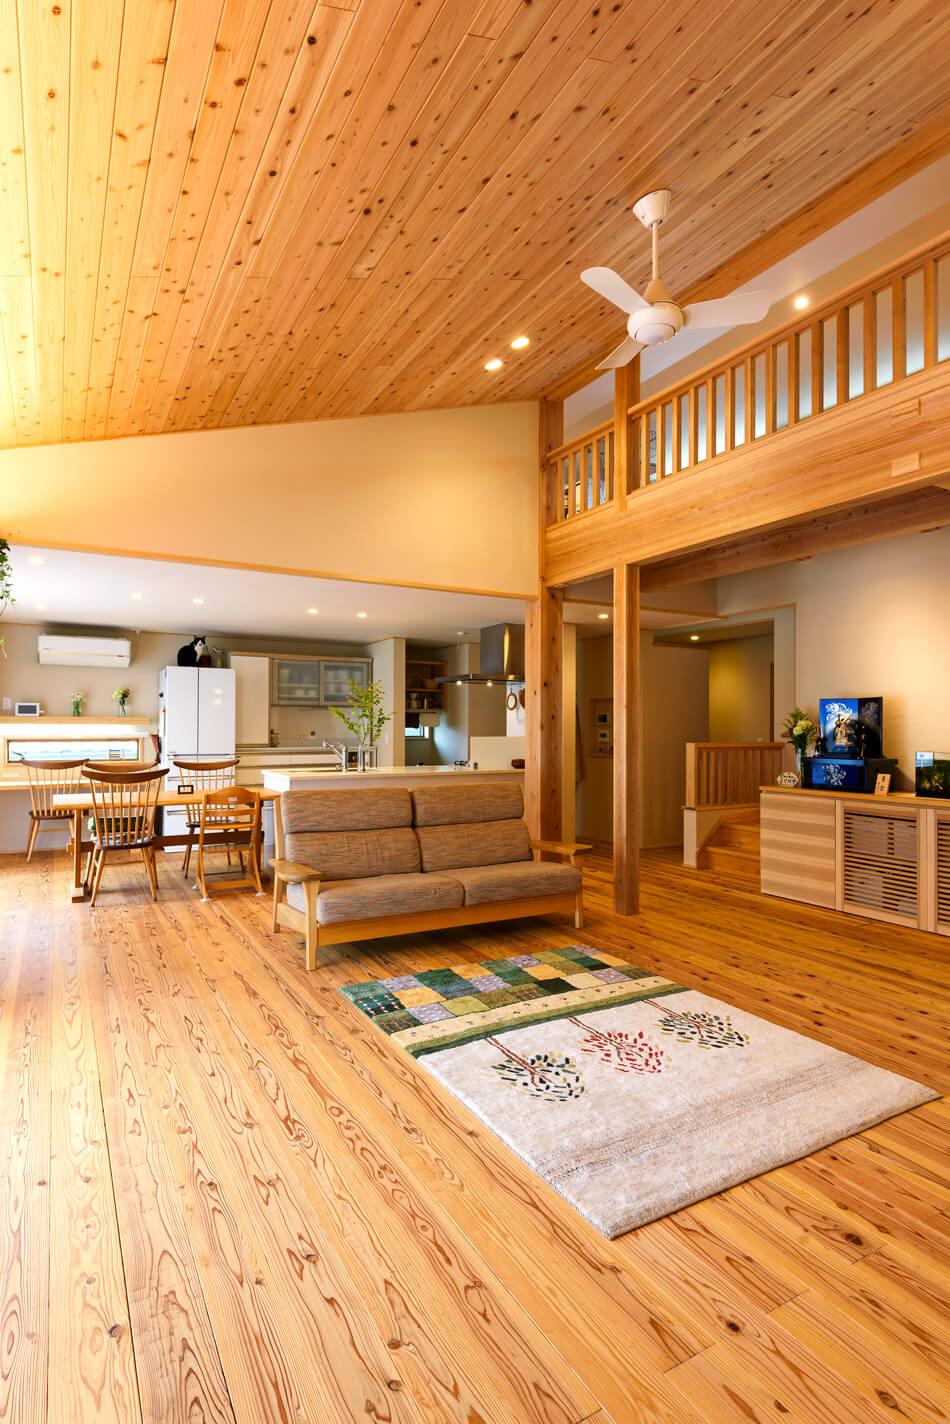 木の家|福岡の新築建築事例|平屋|3LDK+ロフト|リビング|エコワークス|CASE-20|内観07